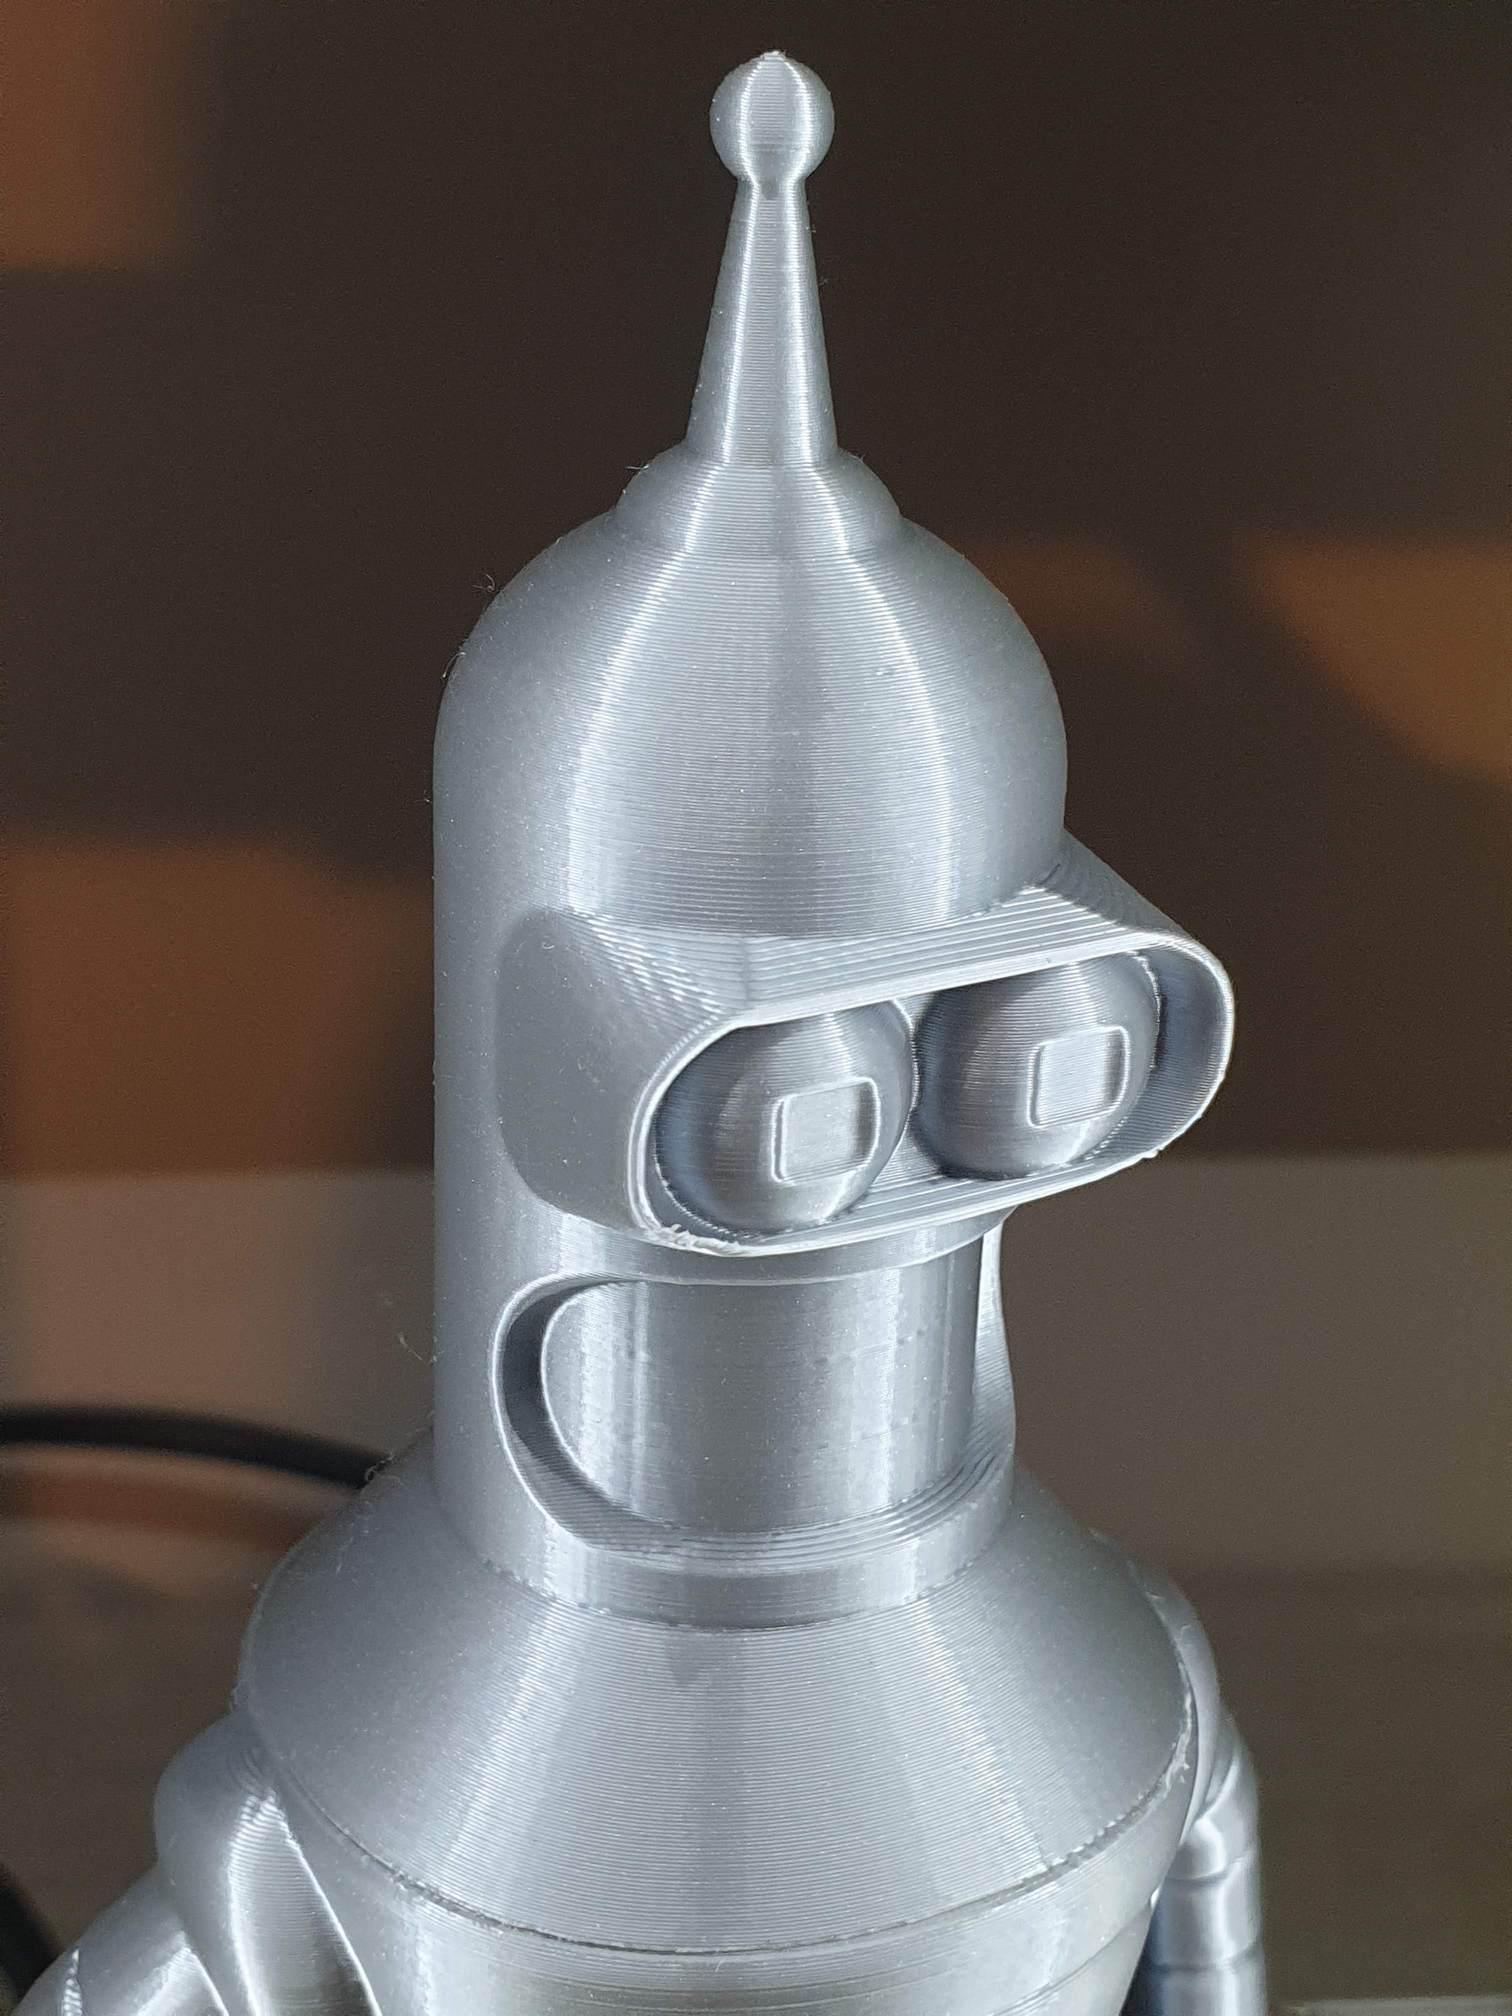 Bender printed on Artillery Genius